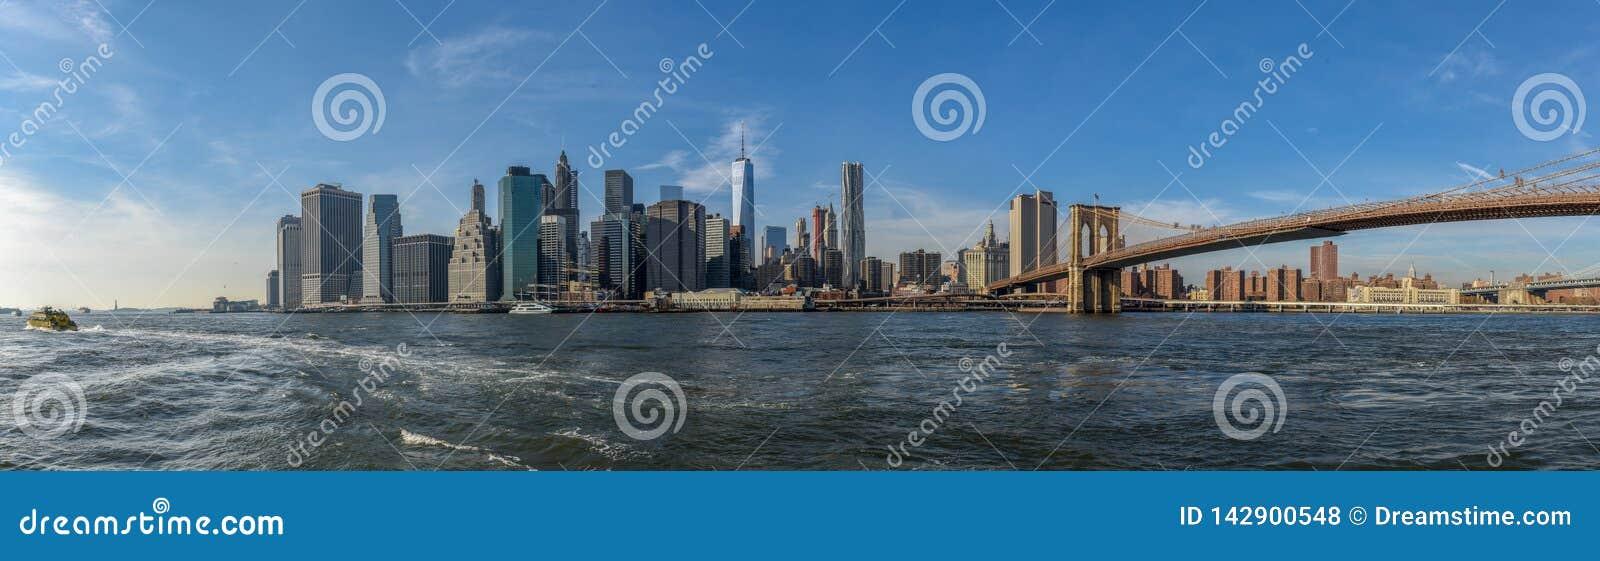 Horizon de Manhattan un jour ensoleillé avec le pont de Brooklyn en vue